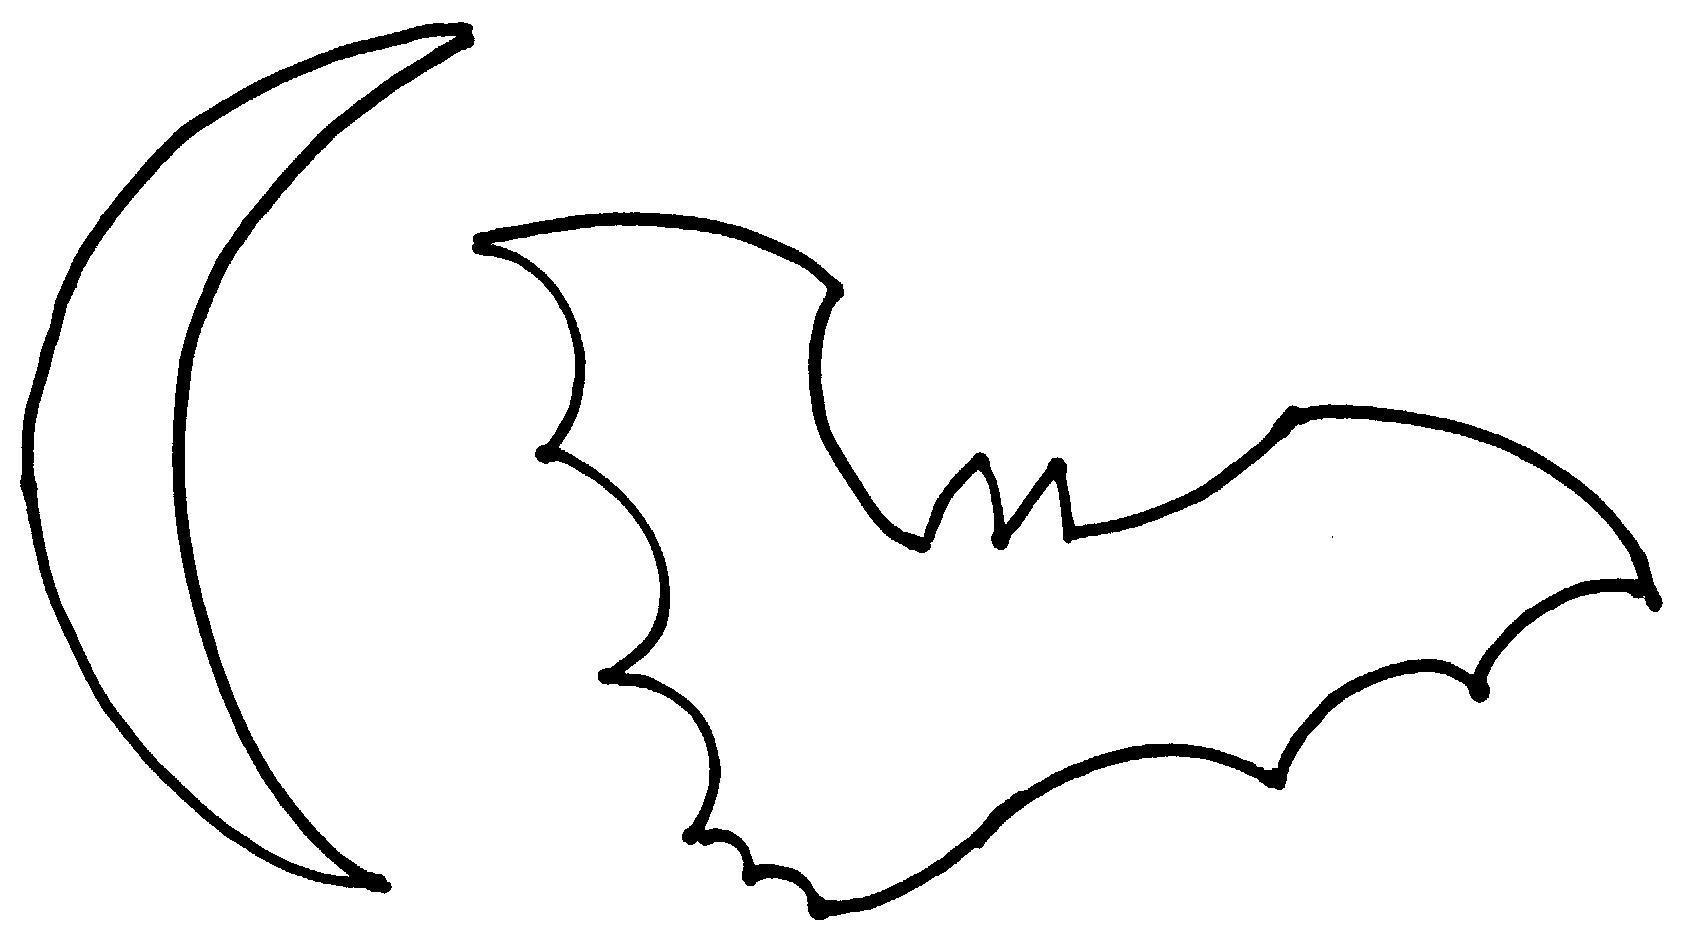 Bat Outline